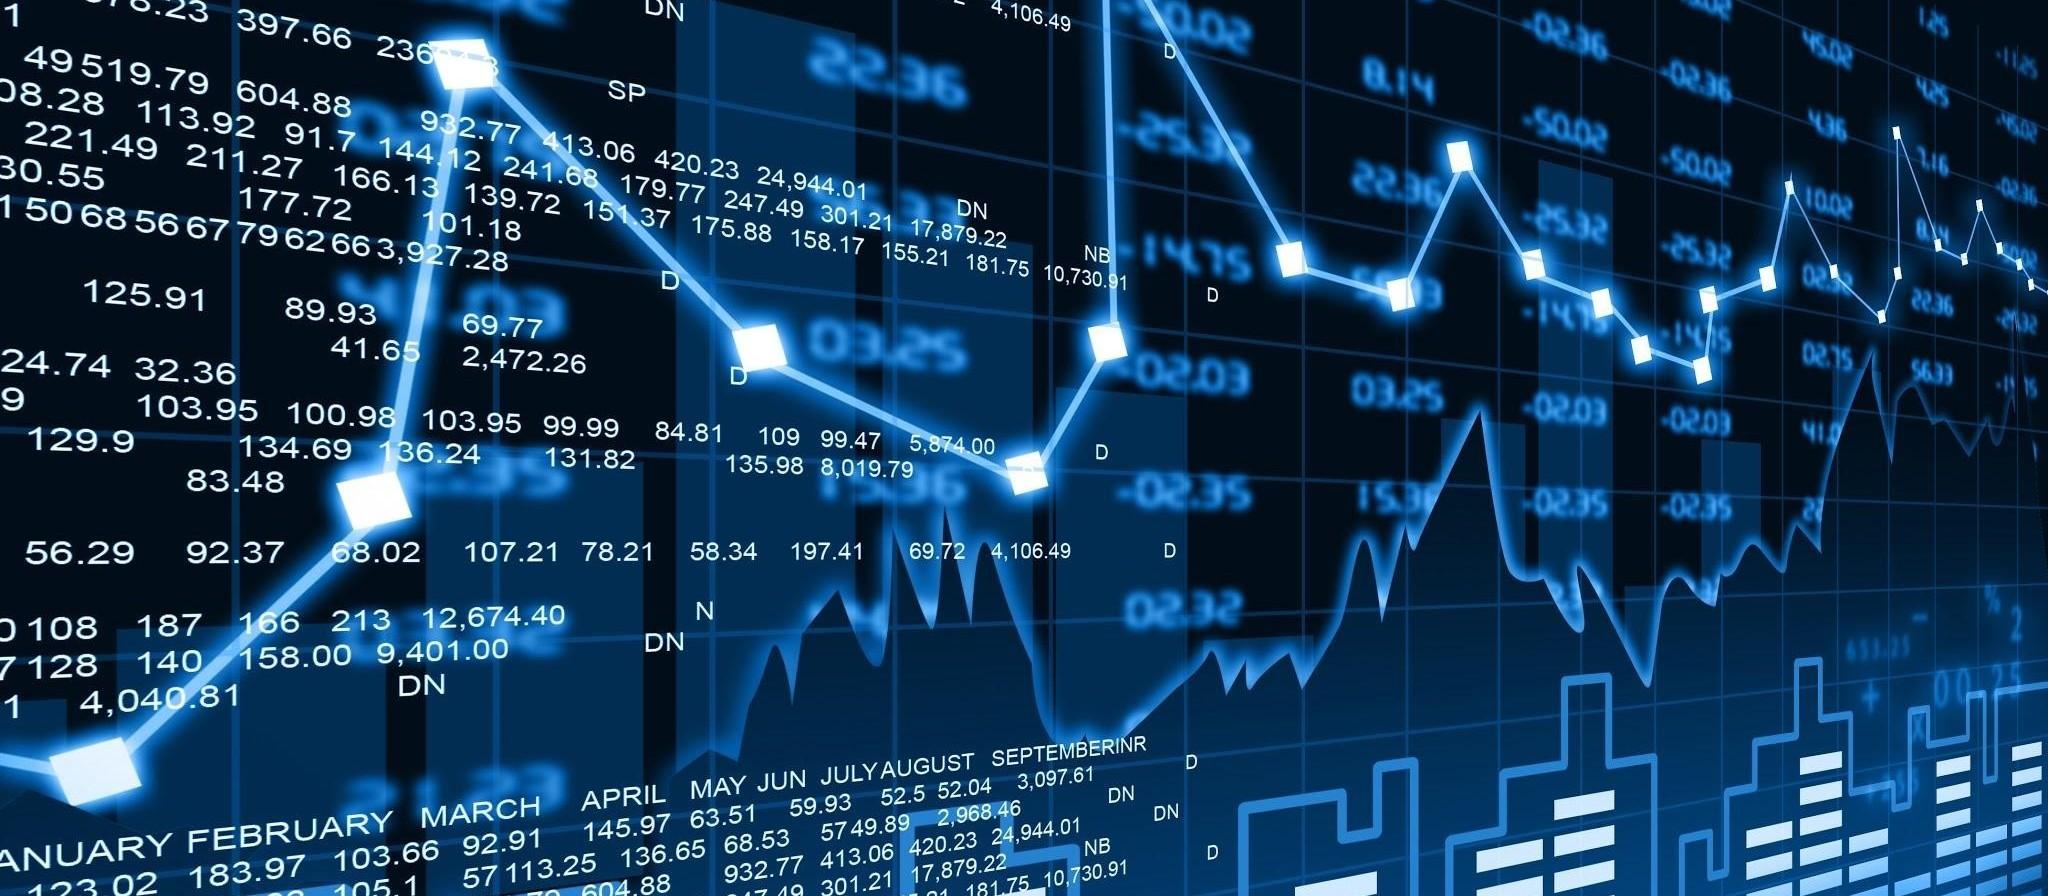 Bolsa de valores atingiu 1 mi de pequenos investidores em abril